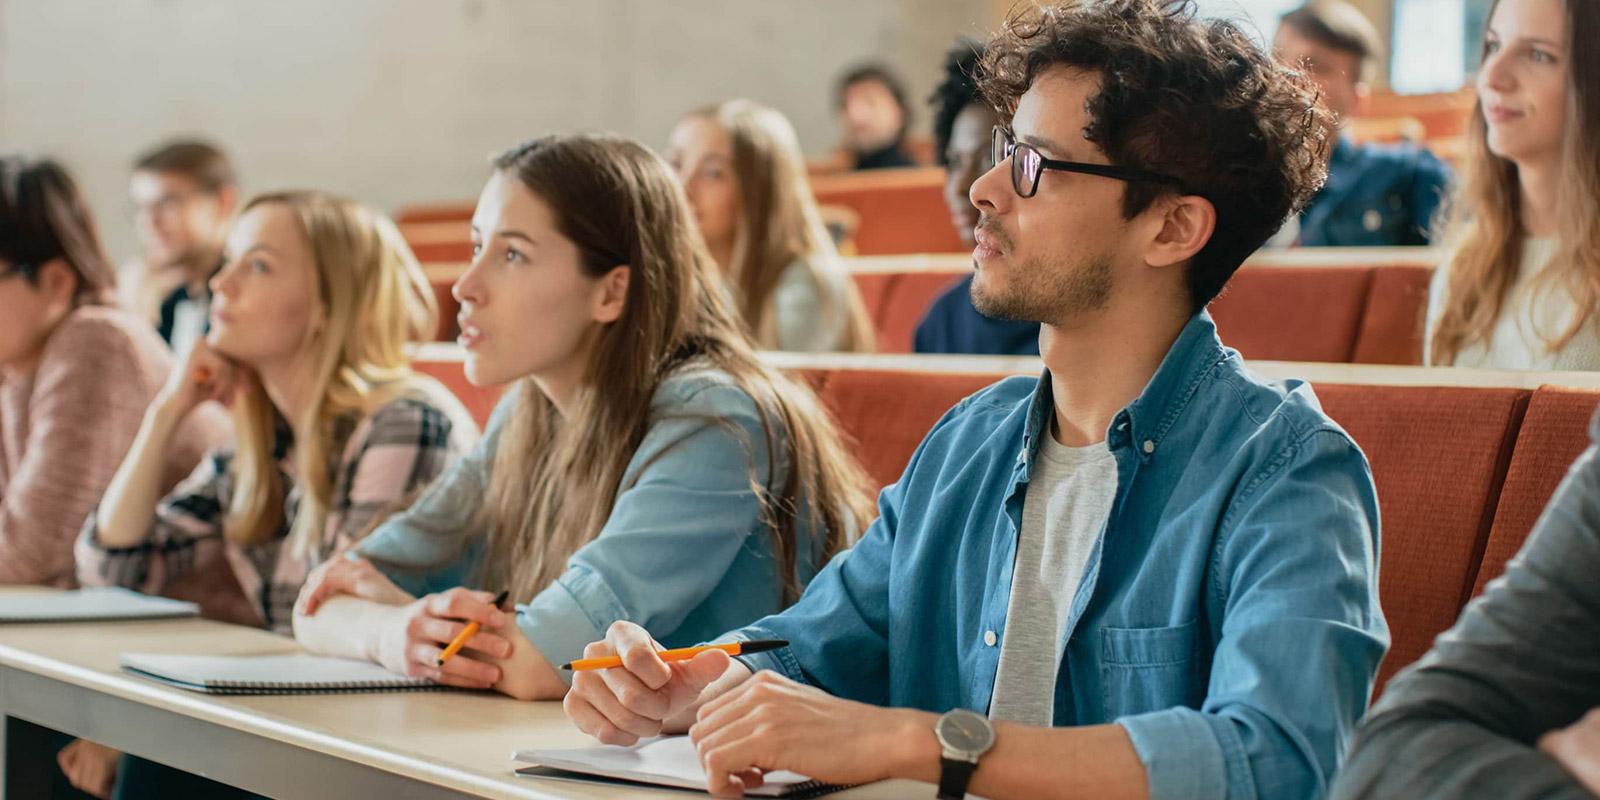 Studentská půjčka. Jaká jsou specifika a nabídka studentských půjček?